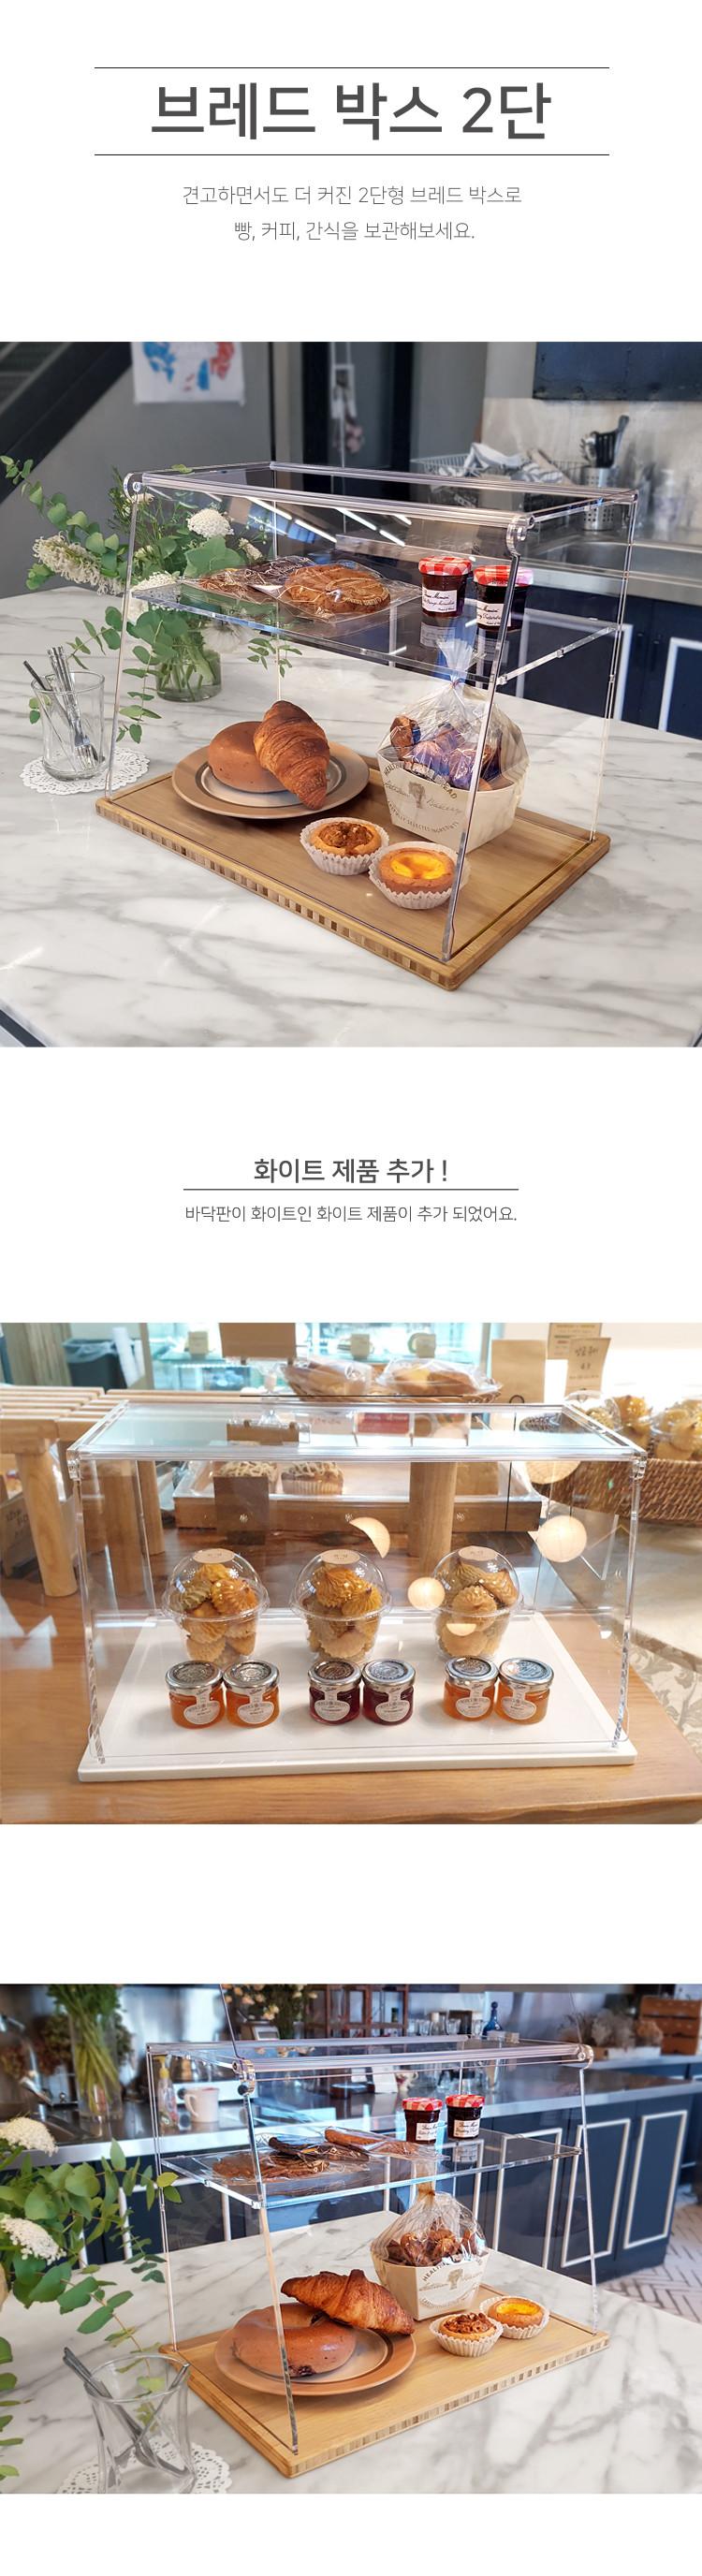 브레드박스 2단 - 아틱, 55,000원, 키친 수납장, 키친 수납장